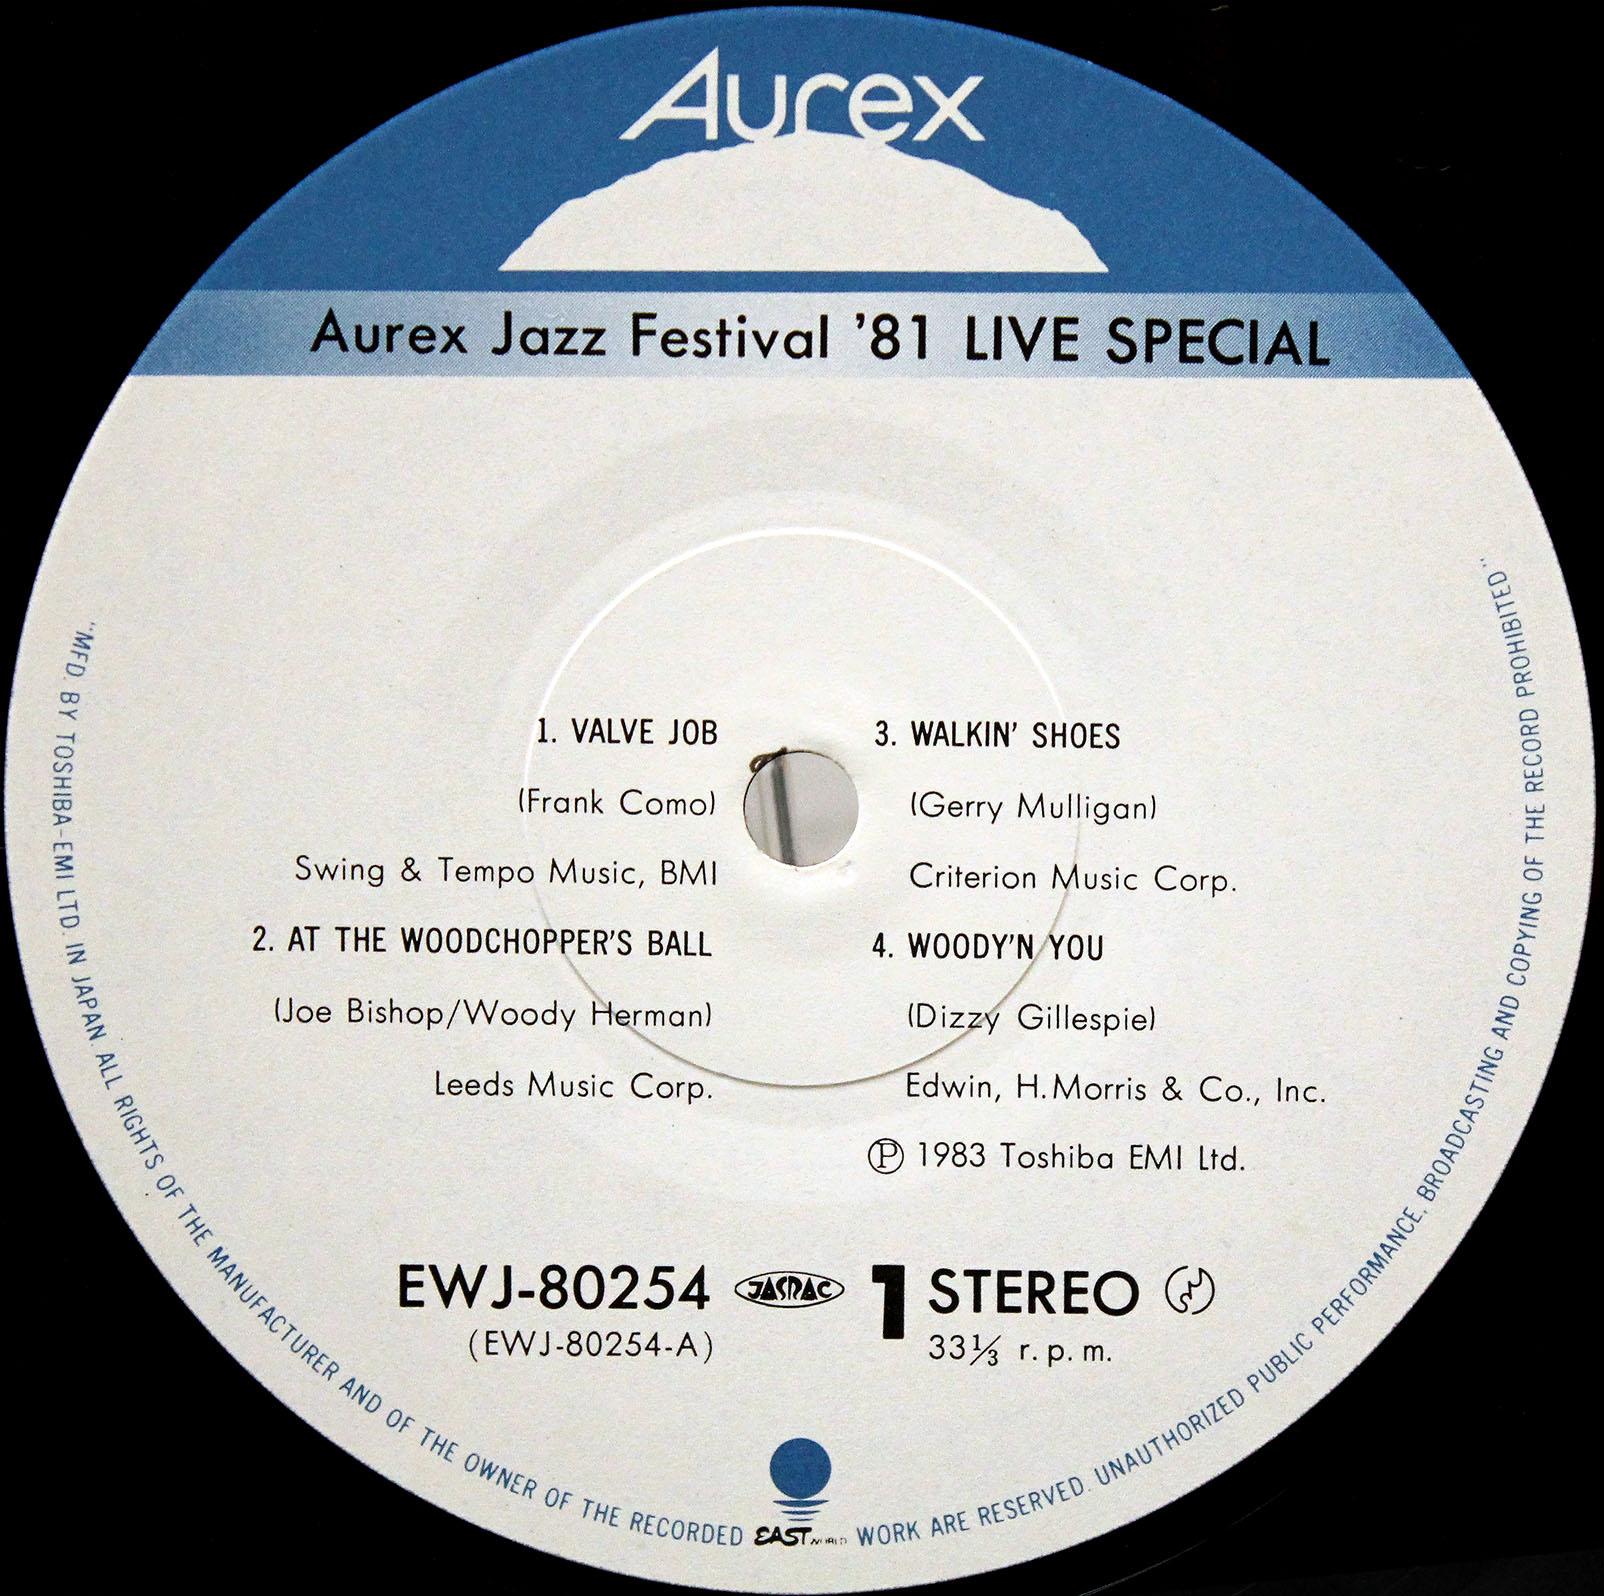 Aurex Jazz Festival 04